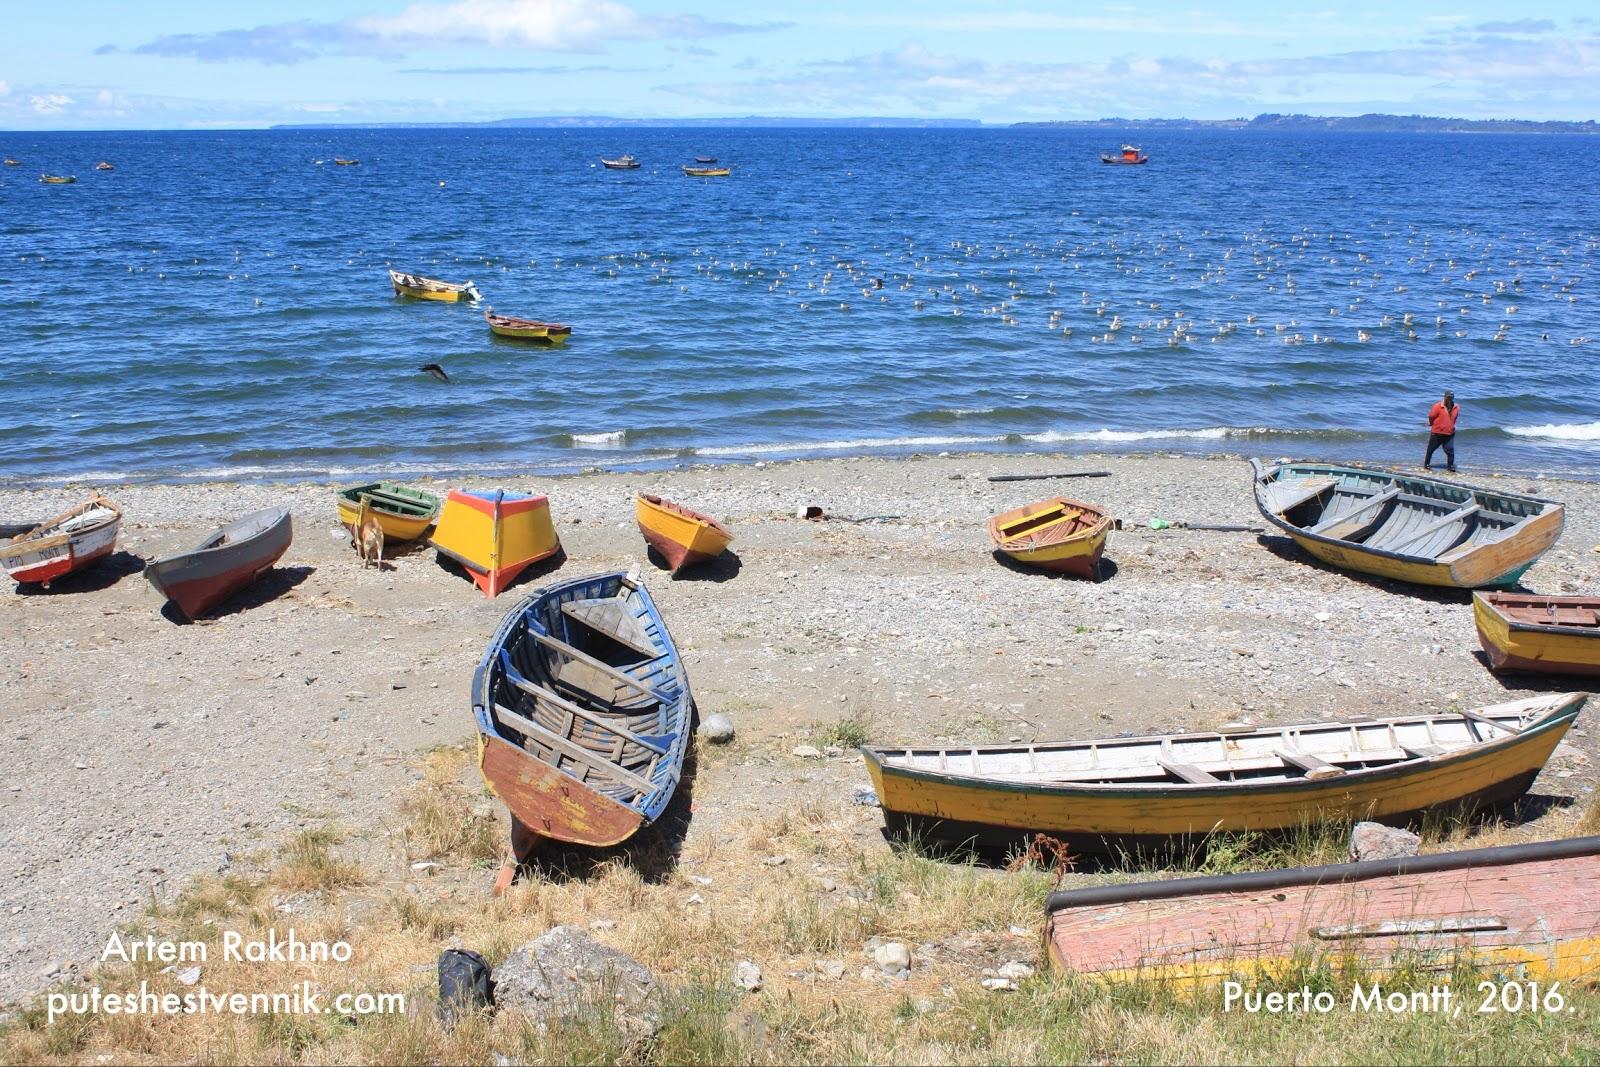 Лодки на берегу моря в Пуэрто-Монт